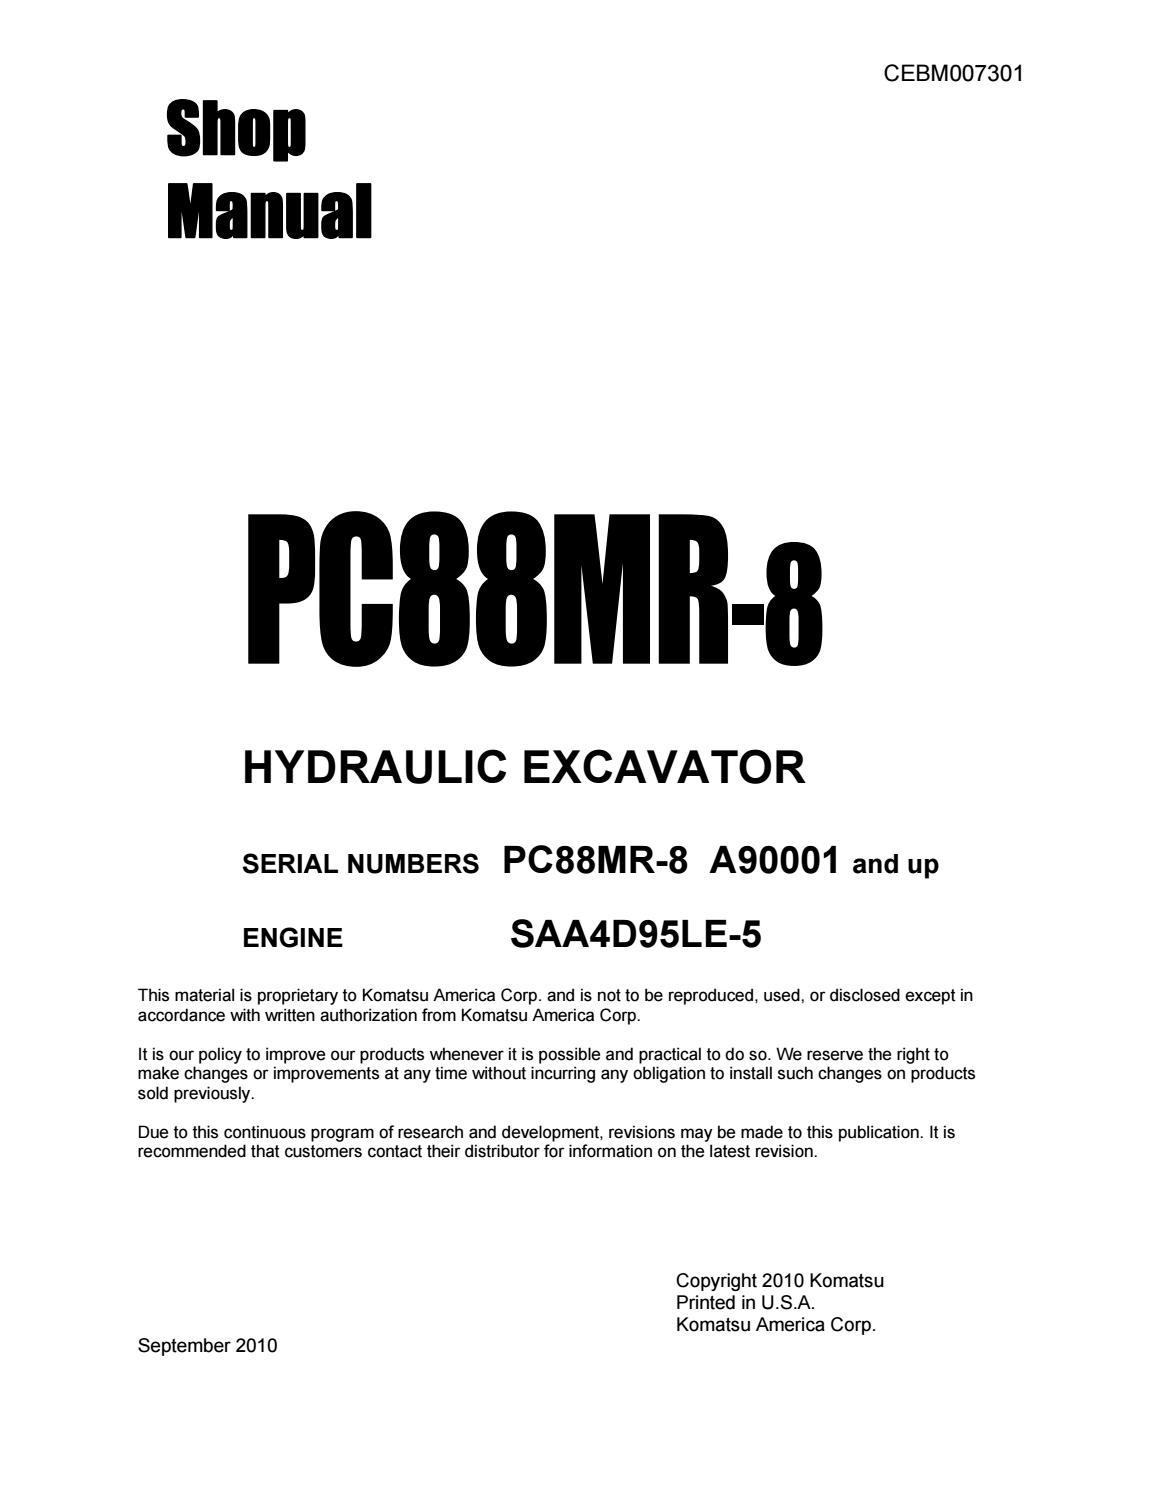 Coat Hook Aluminium//Plastic 2 pieces 70mm-no 2077